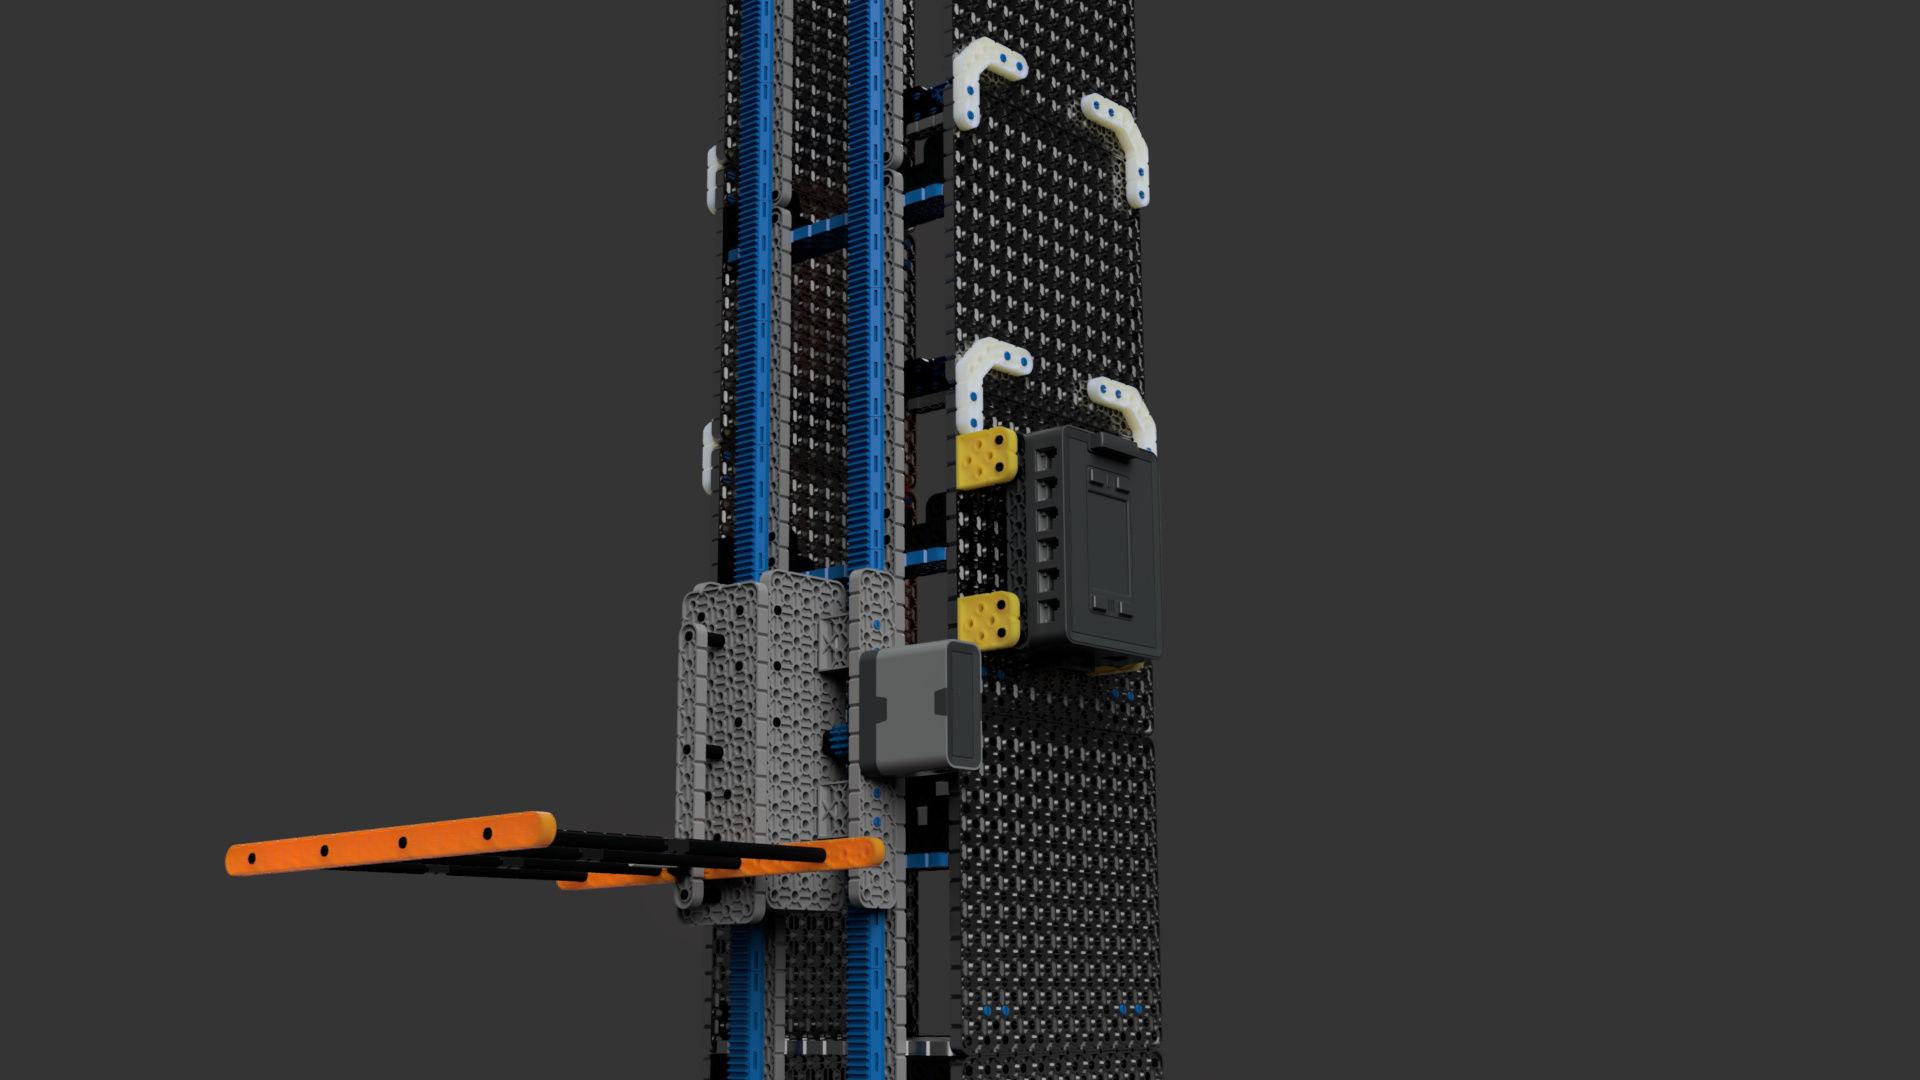 Elevador---desafio-de-robotica-2019-2019-nov-28-03-49-33pm-000-customizedview31712146304-jpg-3500-3500